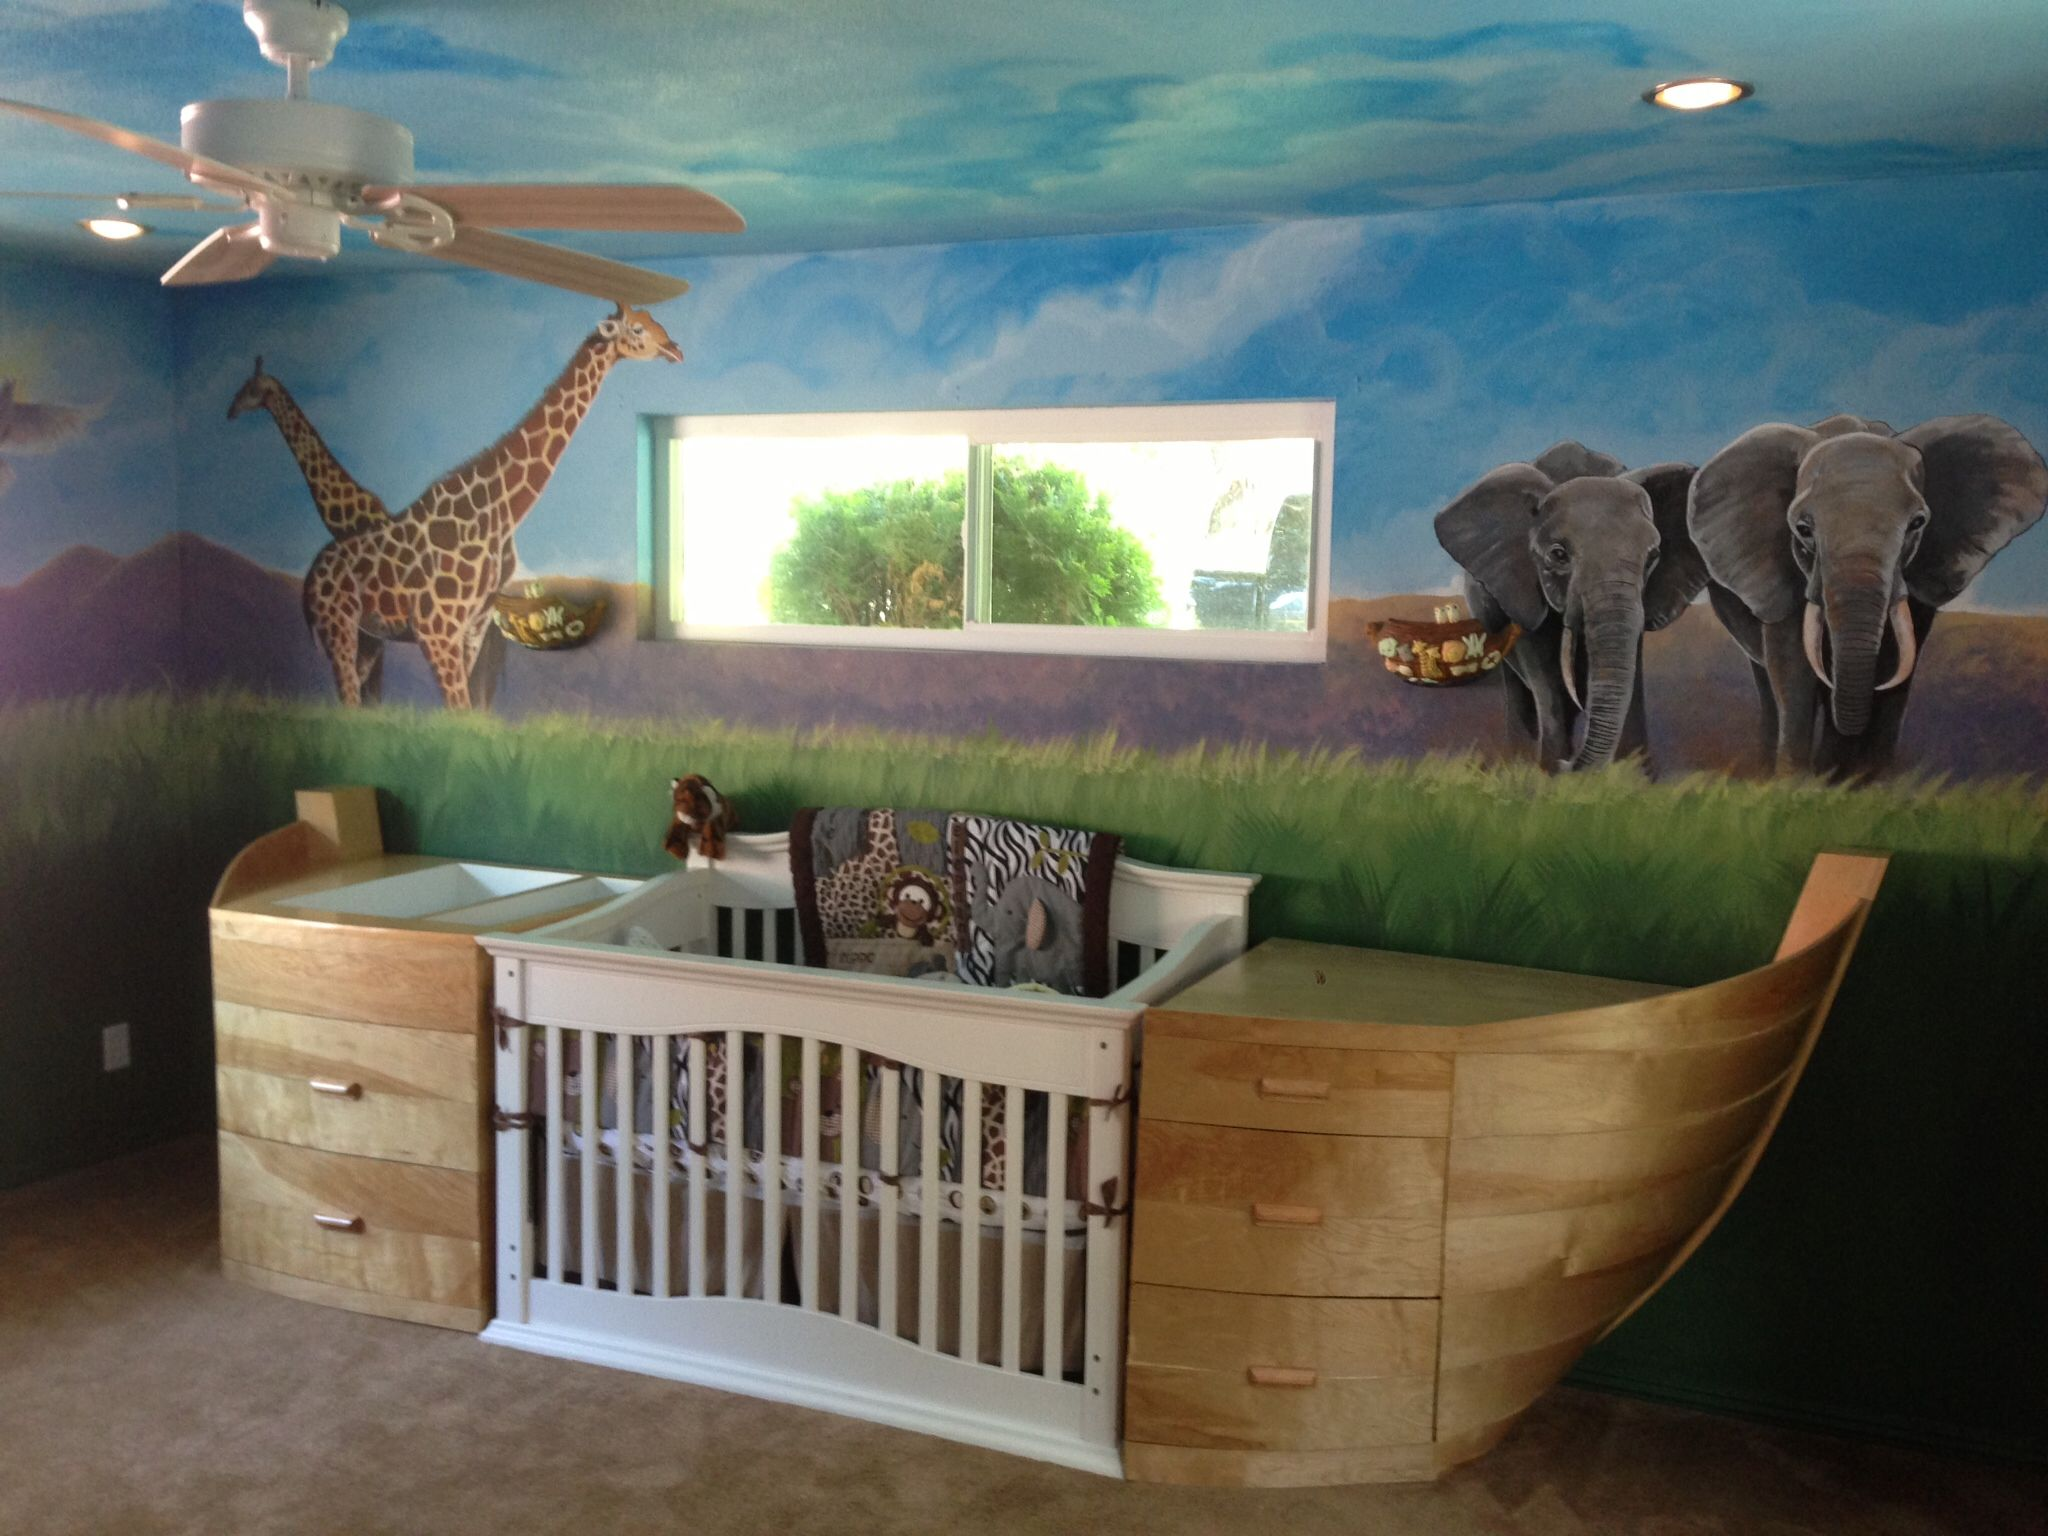 noah s ark baby room decor on Image From Https S Media Cache Ak0 Pinimg Com Originals 0e 1e C2 0e1ec237a58363041796c5730572e6 Baby Boy Room Nursery Noahs Ark Baby Nursery Nursery Room Boy